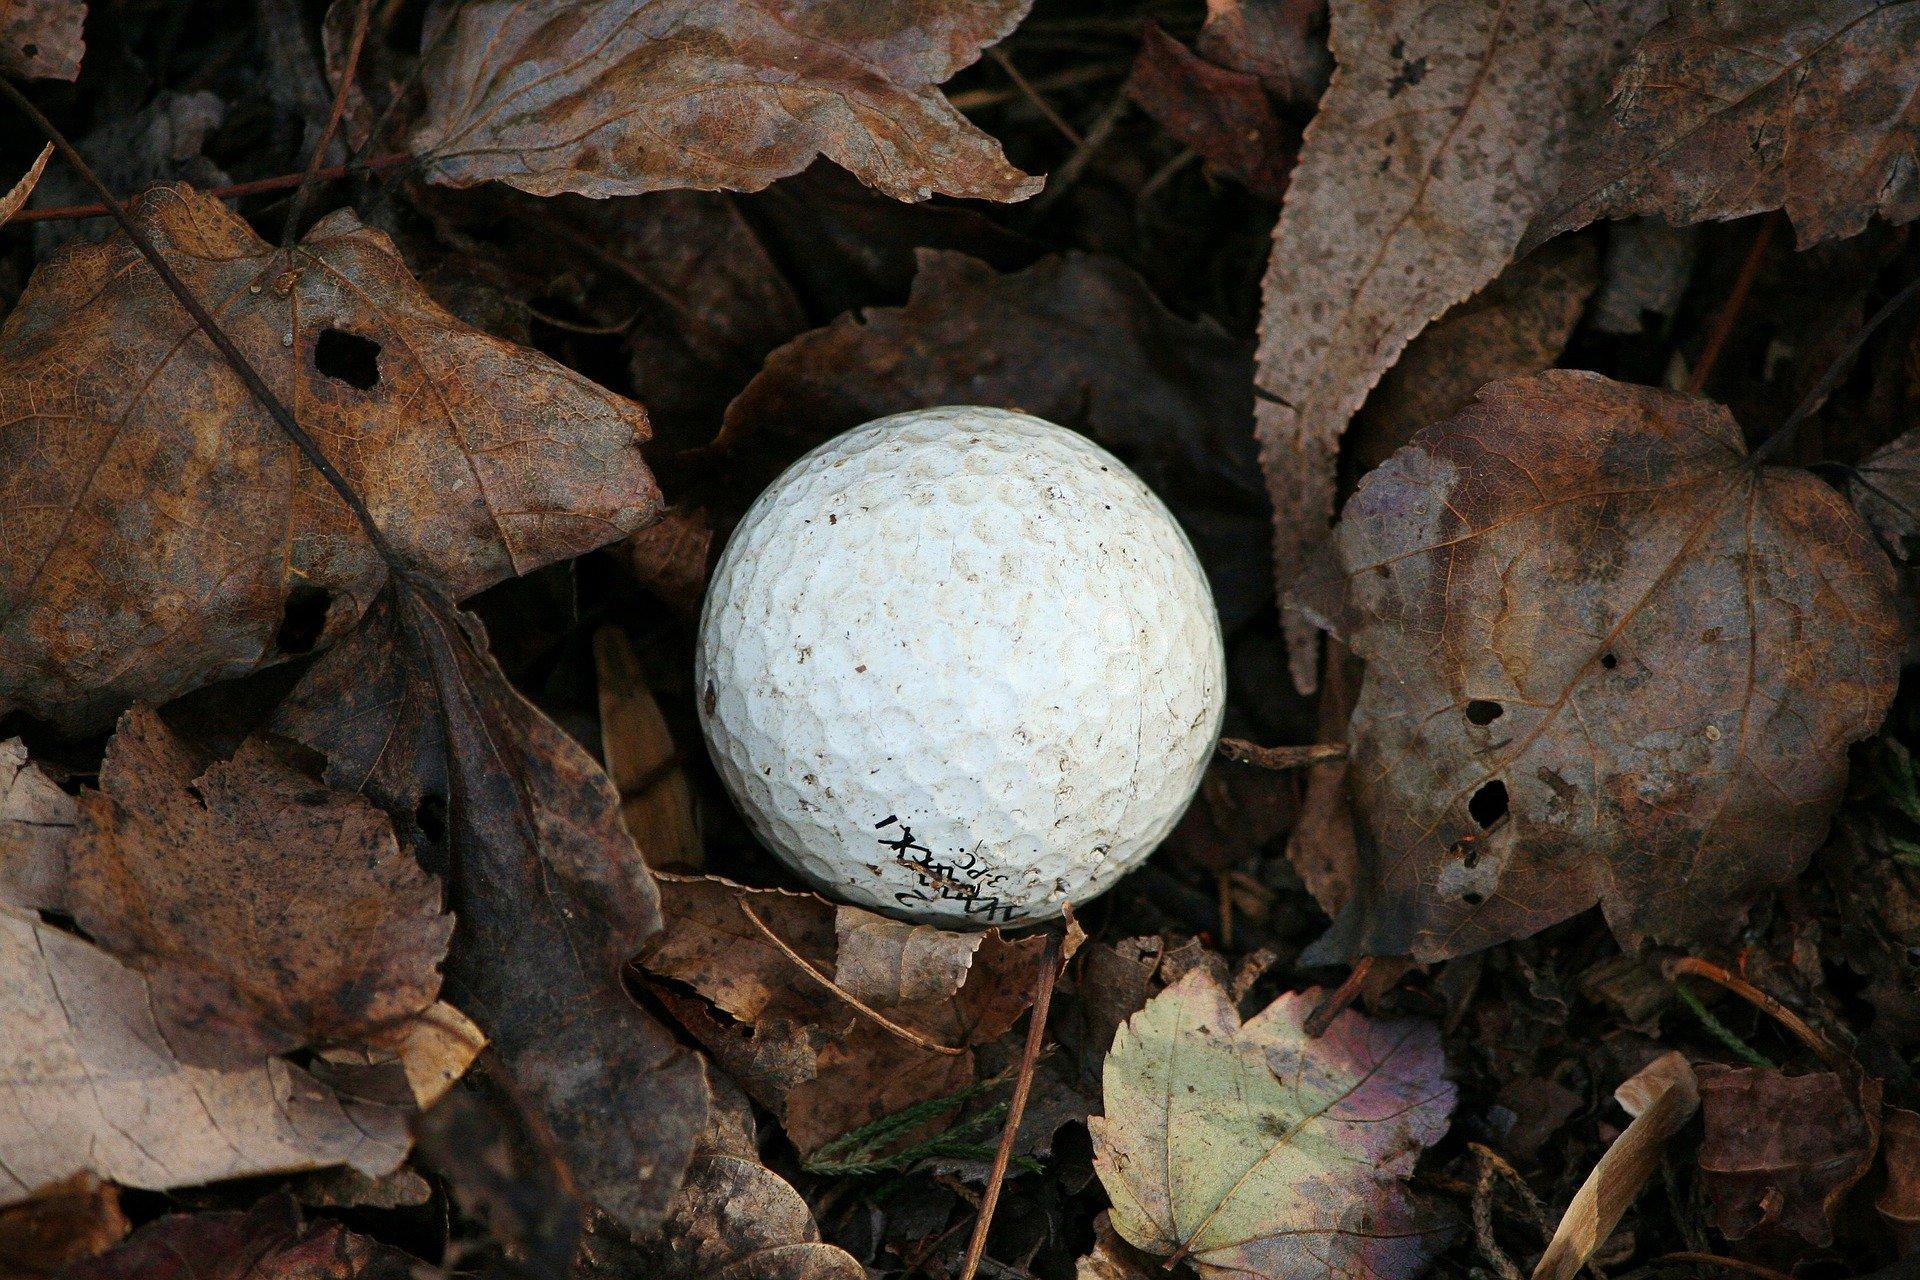 ゴルフのルールのロストボールとは?今さら聞けない処置方法やペナルティ